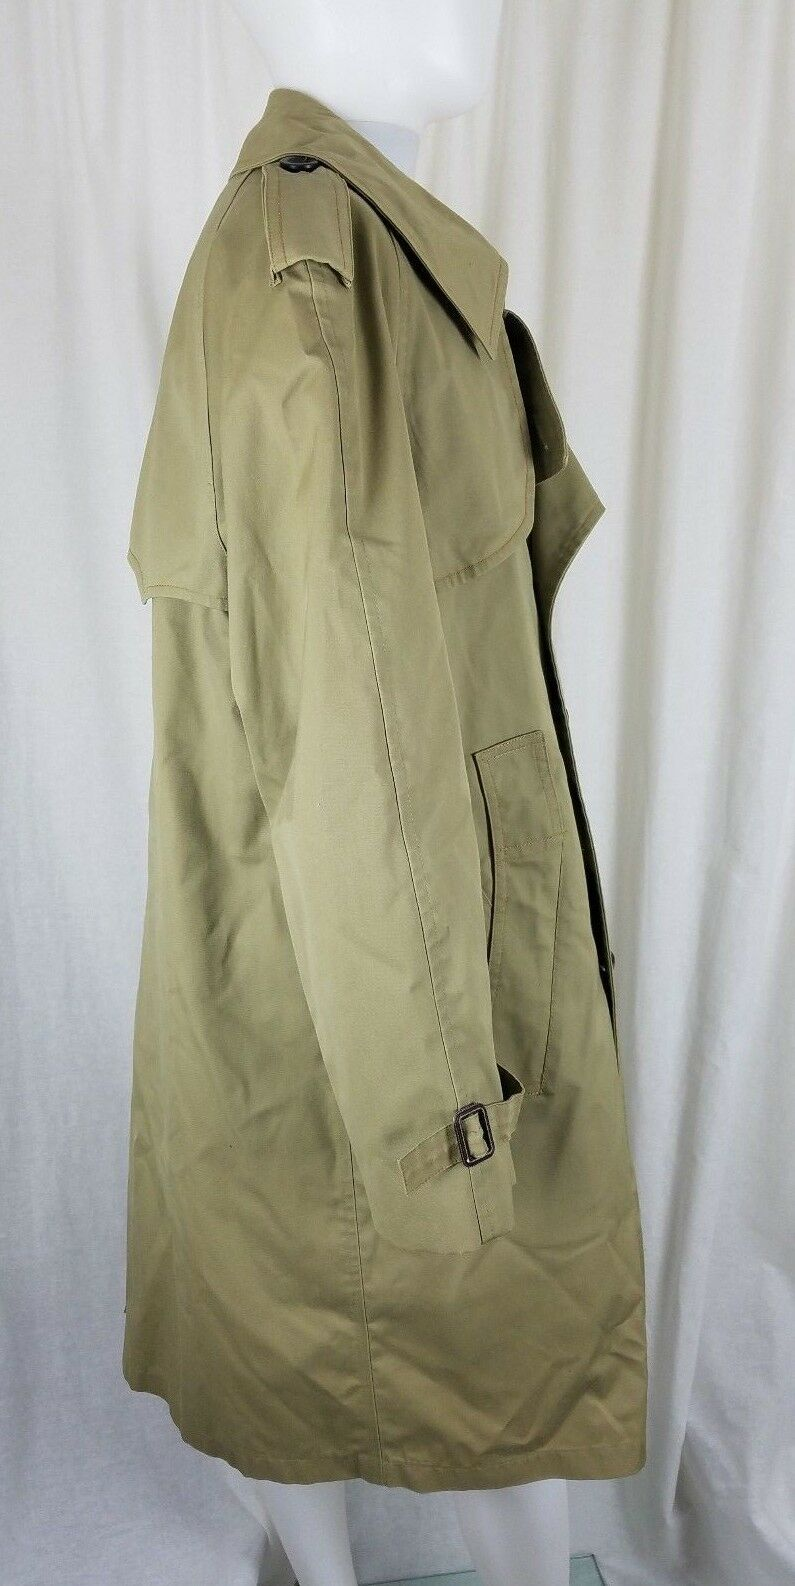 Vintage Harbor Borg Master Trench-Coat John Weitz Profond Flanelle Pile Borg Harbor Hommes 79d7e0